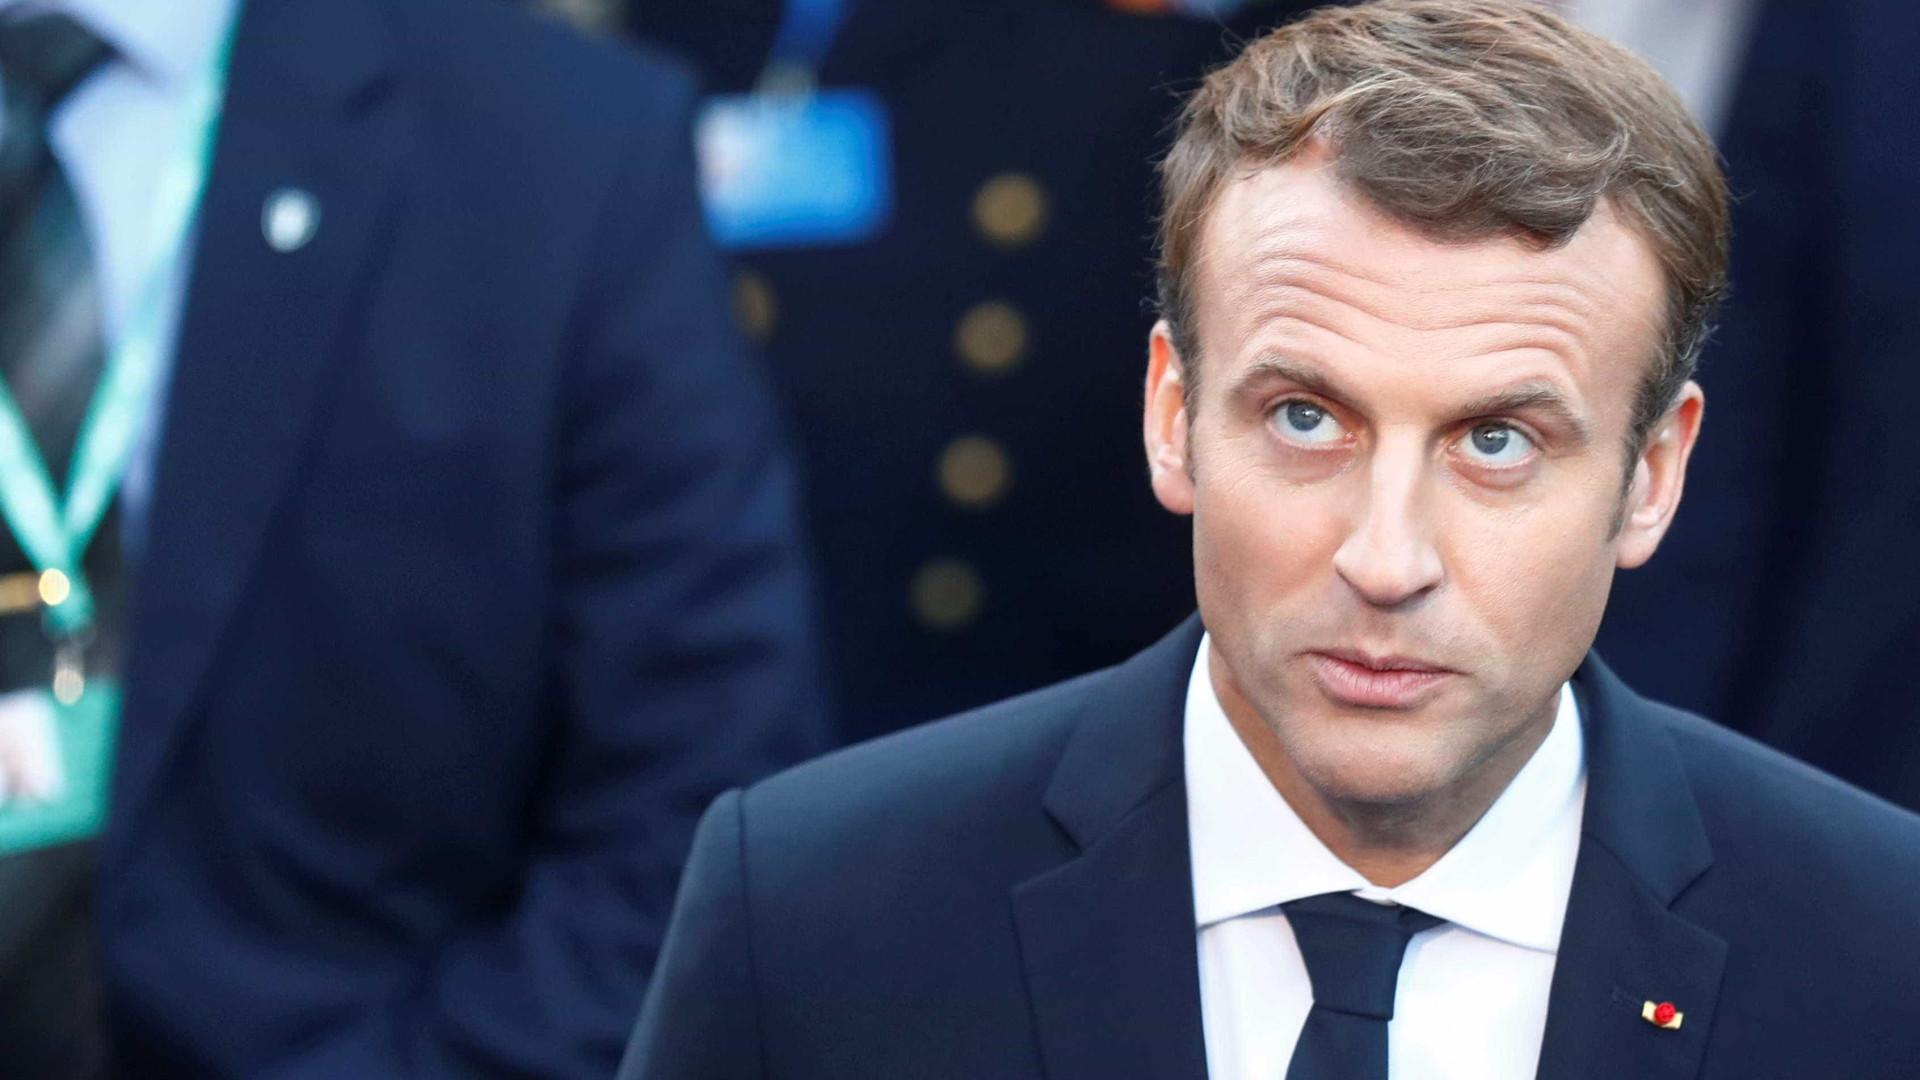 Macron expressou apoio às vítimas da crise de reféns